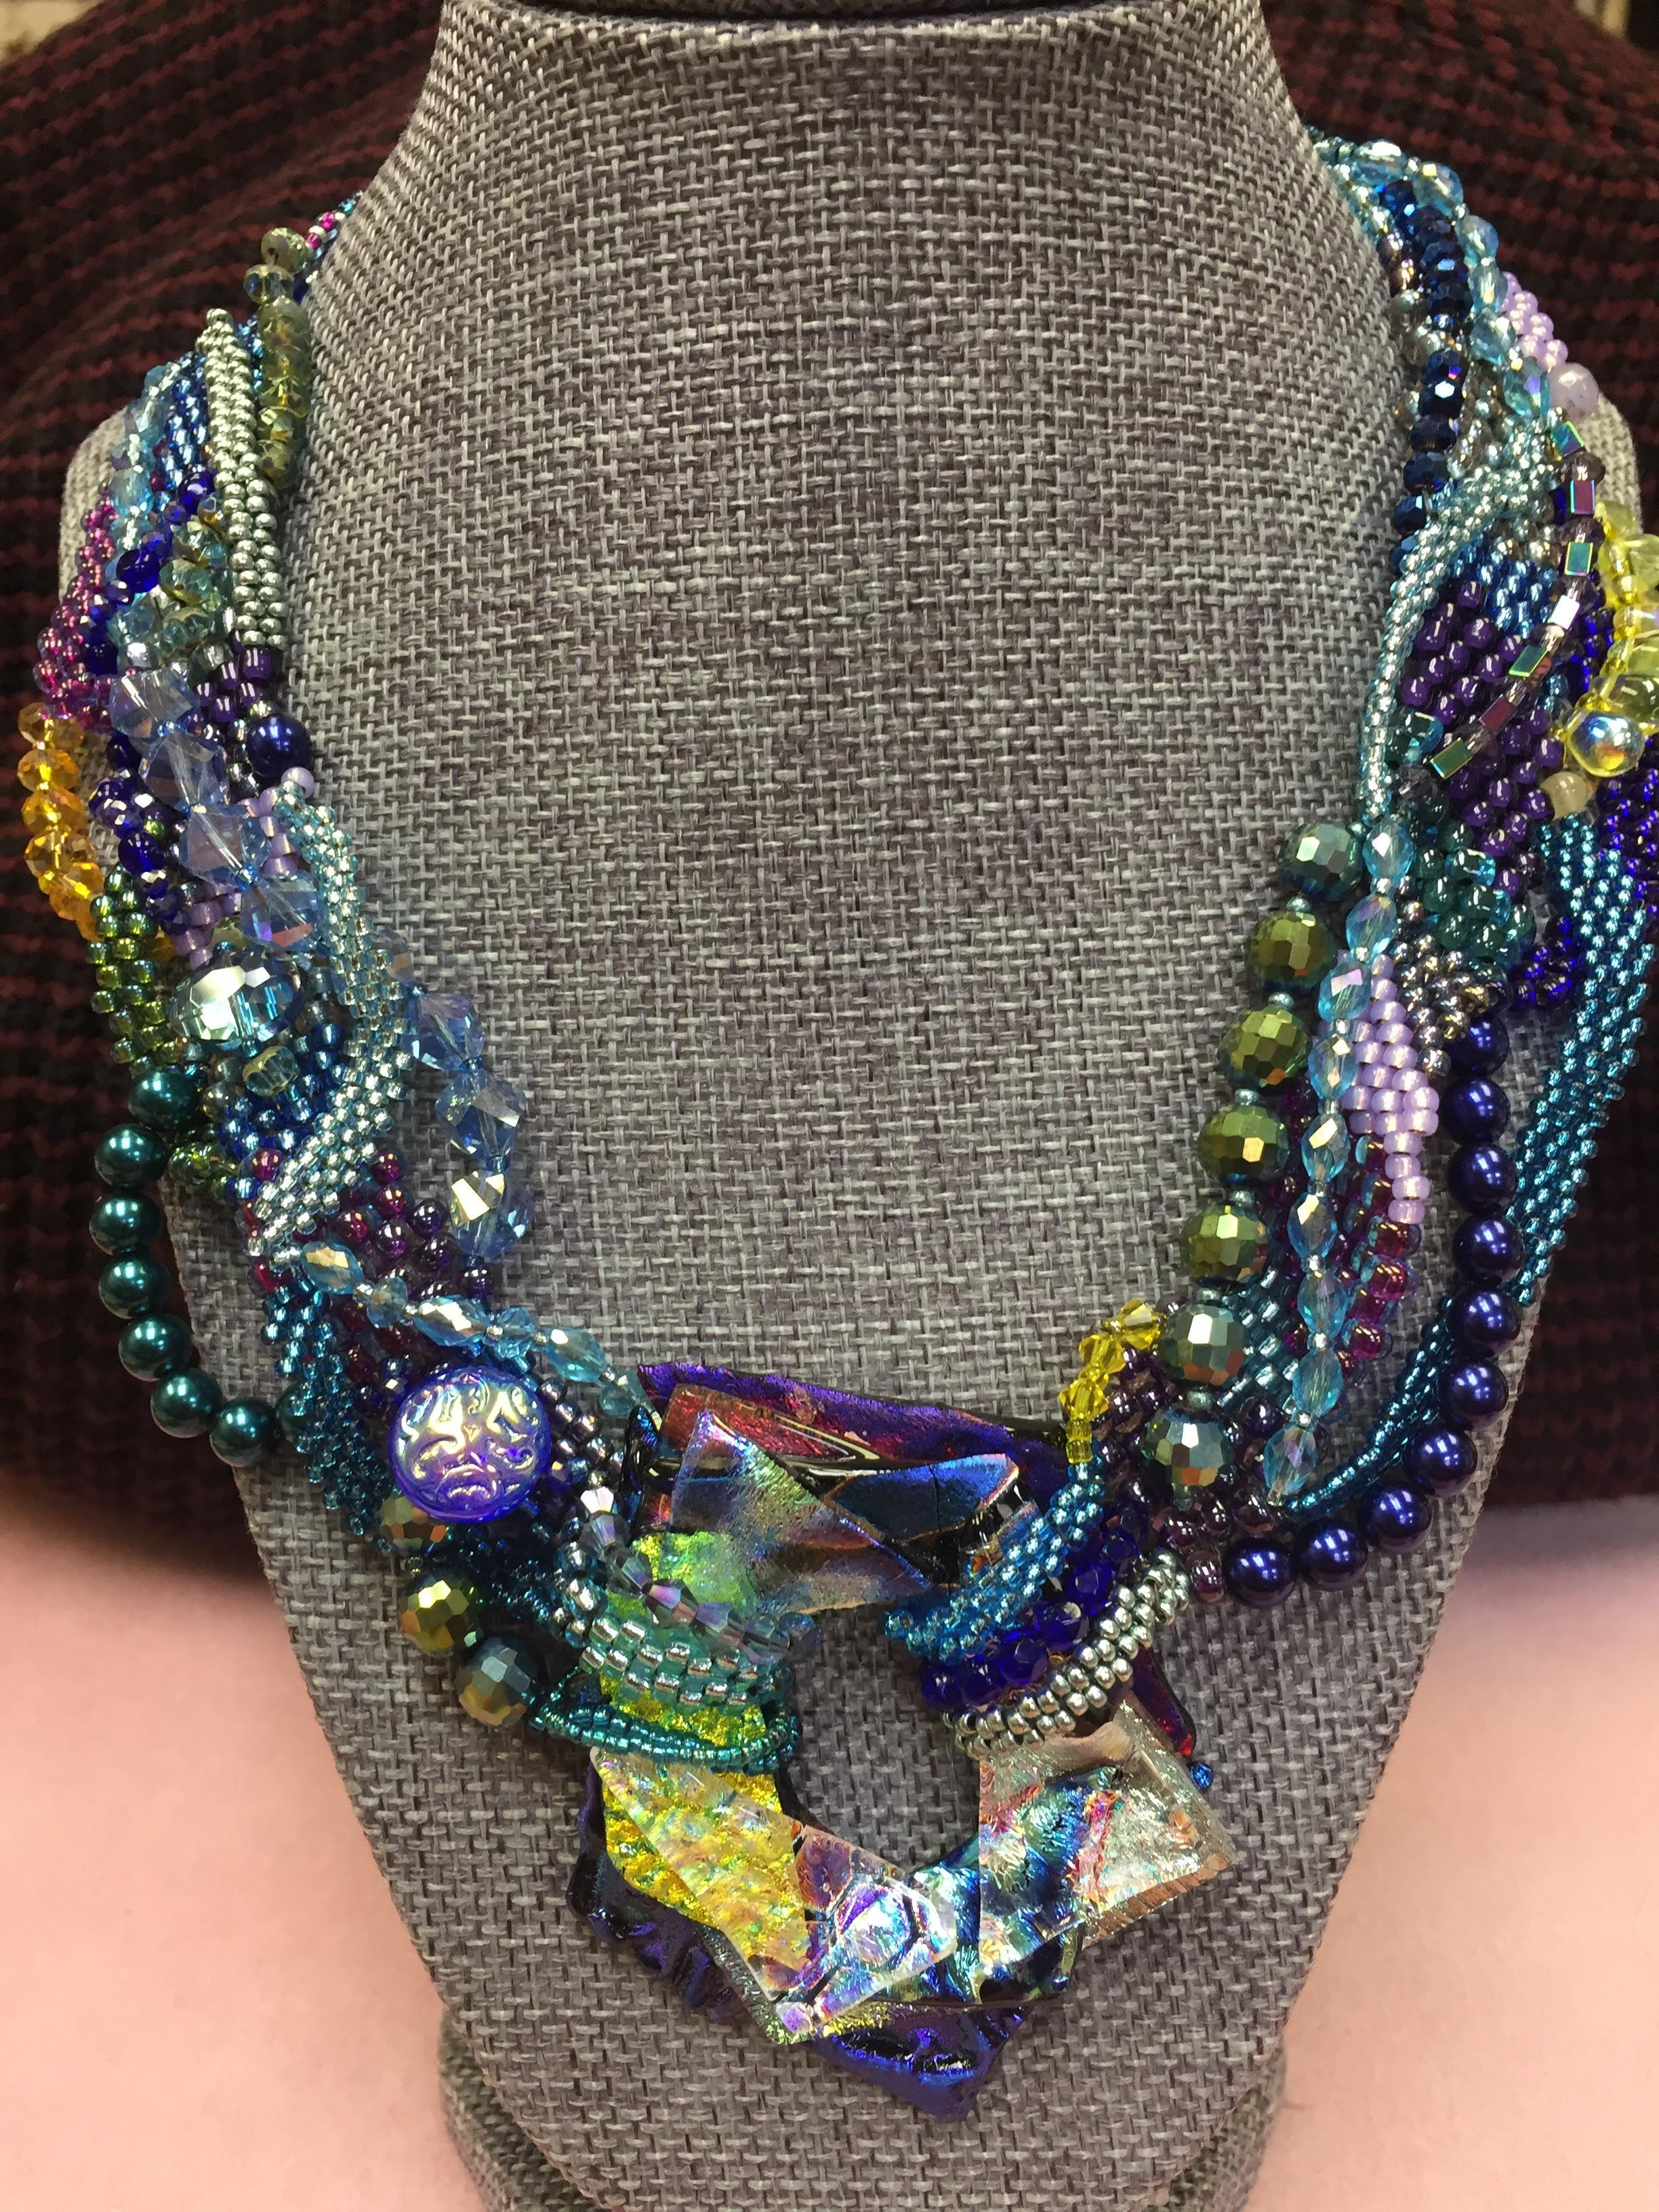 ~150 silver bugle bead sew on stich 6mm GEM CRYSTAL RHINESTONE jewellery